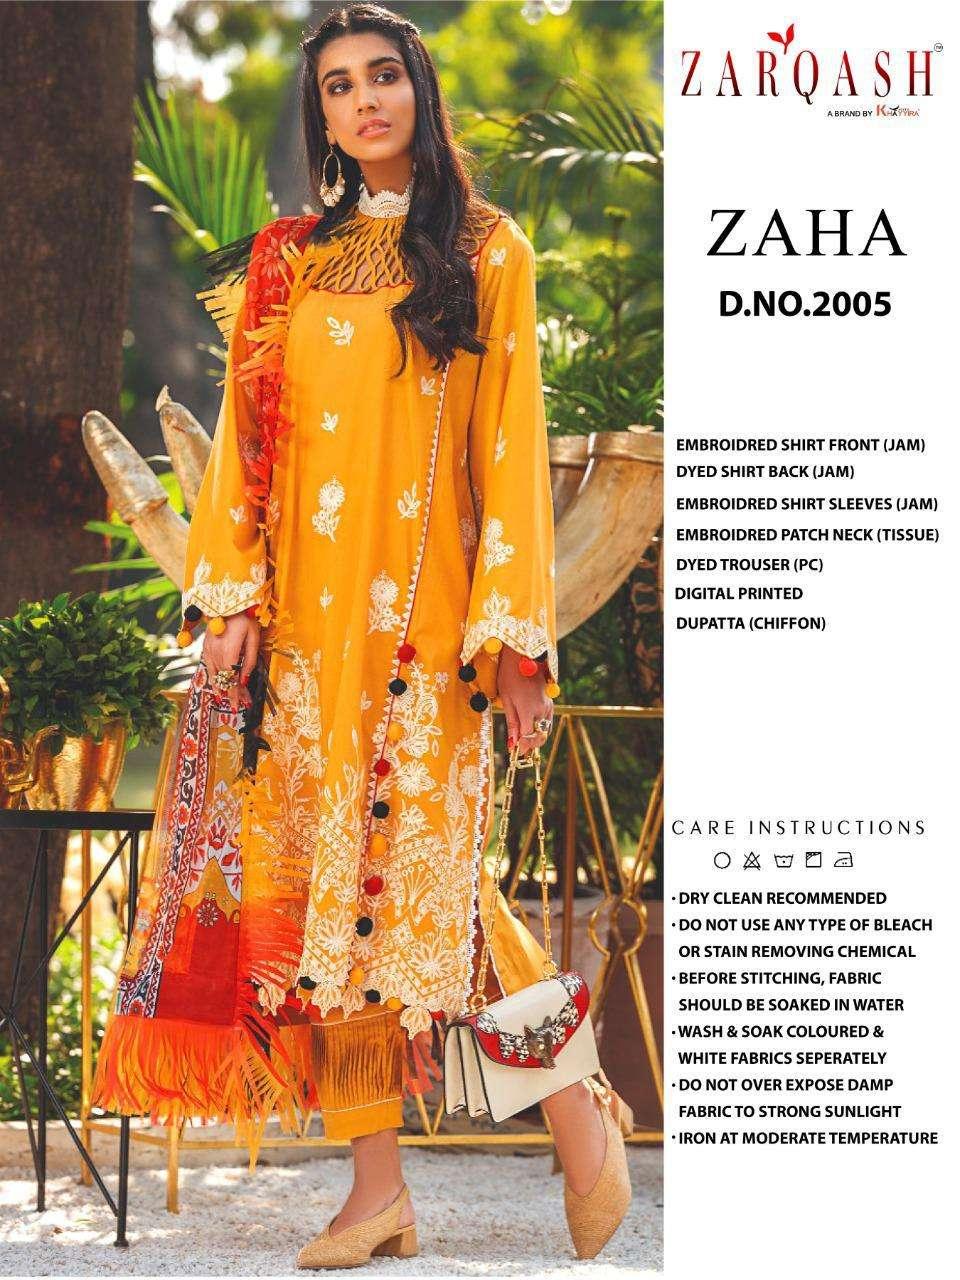 zaha by khayyira zarqash jam satin cotton pakistani suits